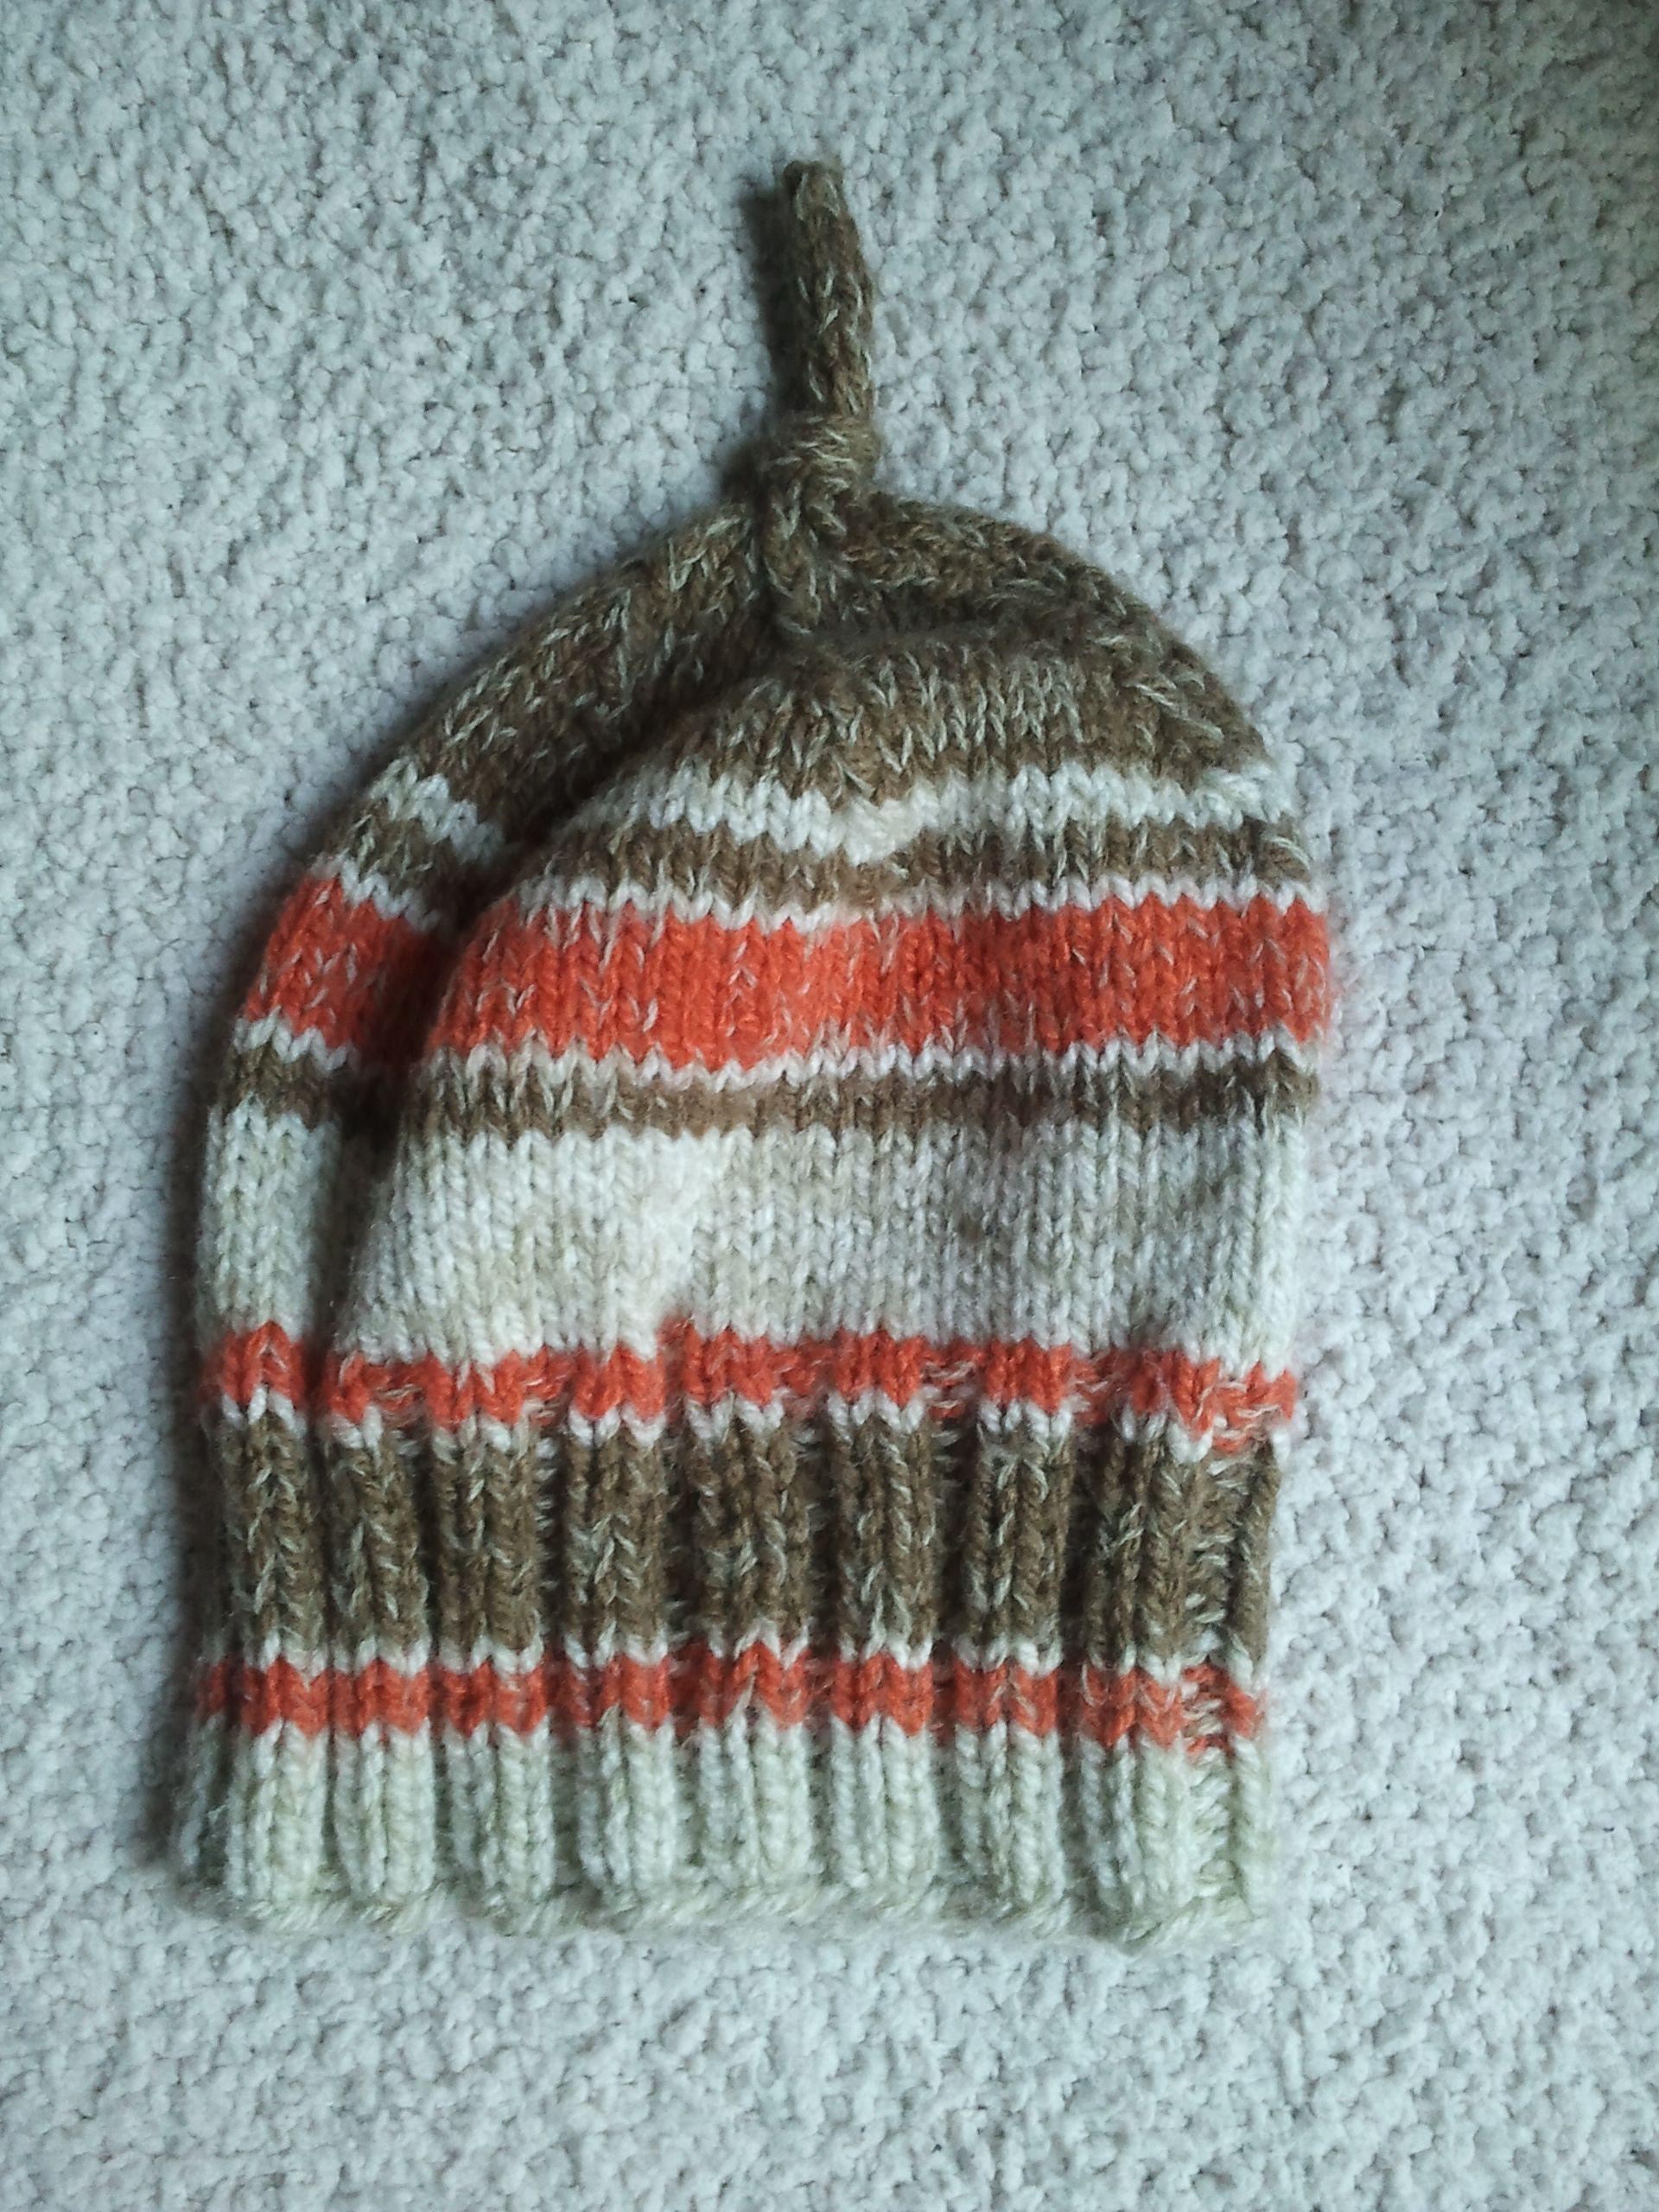 gorro de lana, tejido a palillos, colores crema, naranja y café. Sin Costuras, lana suave hipoalergénica.